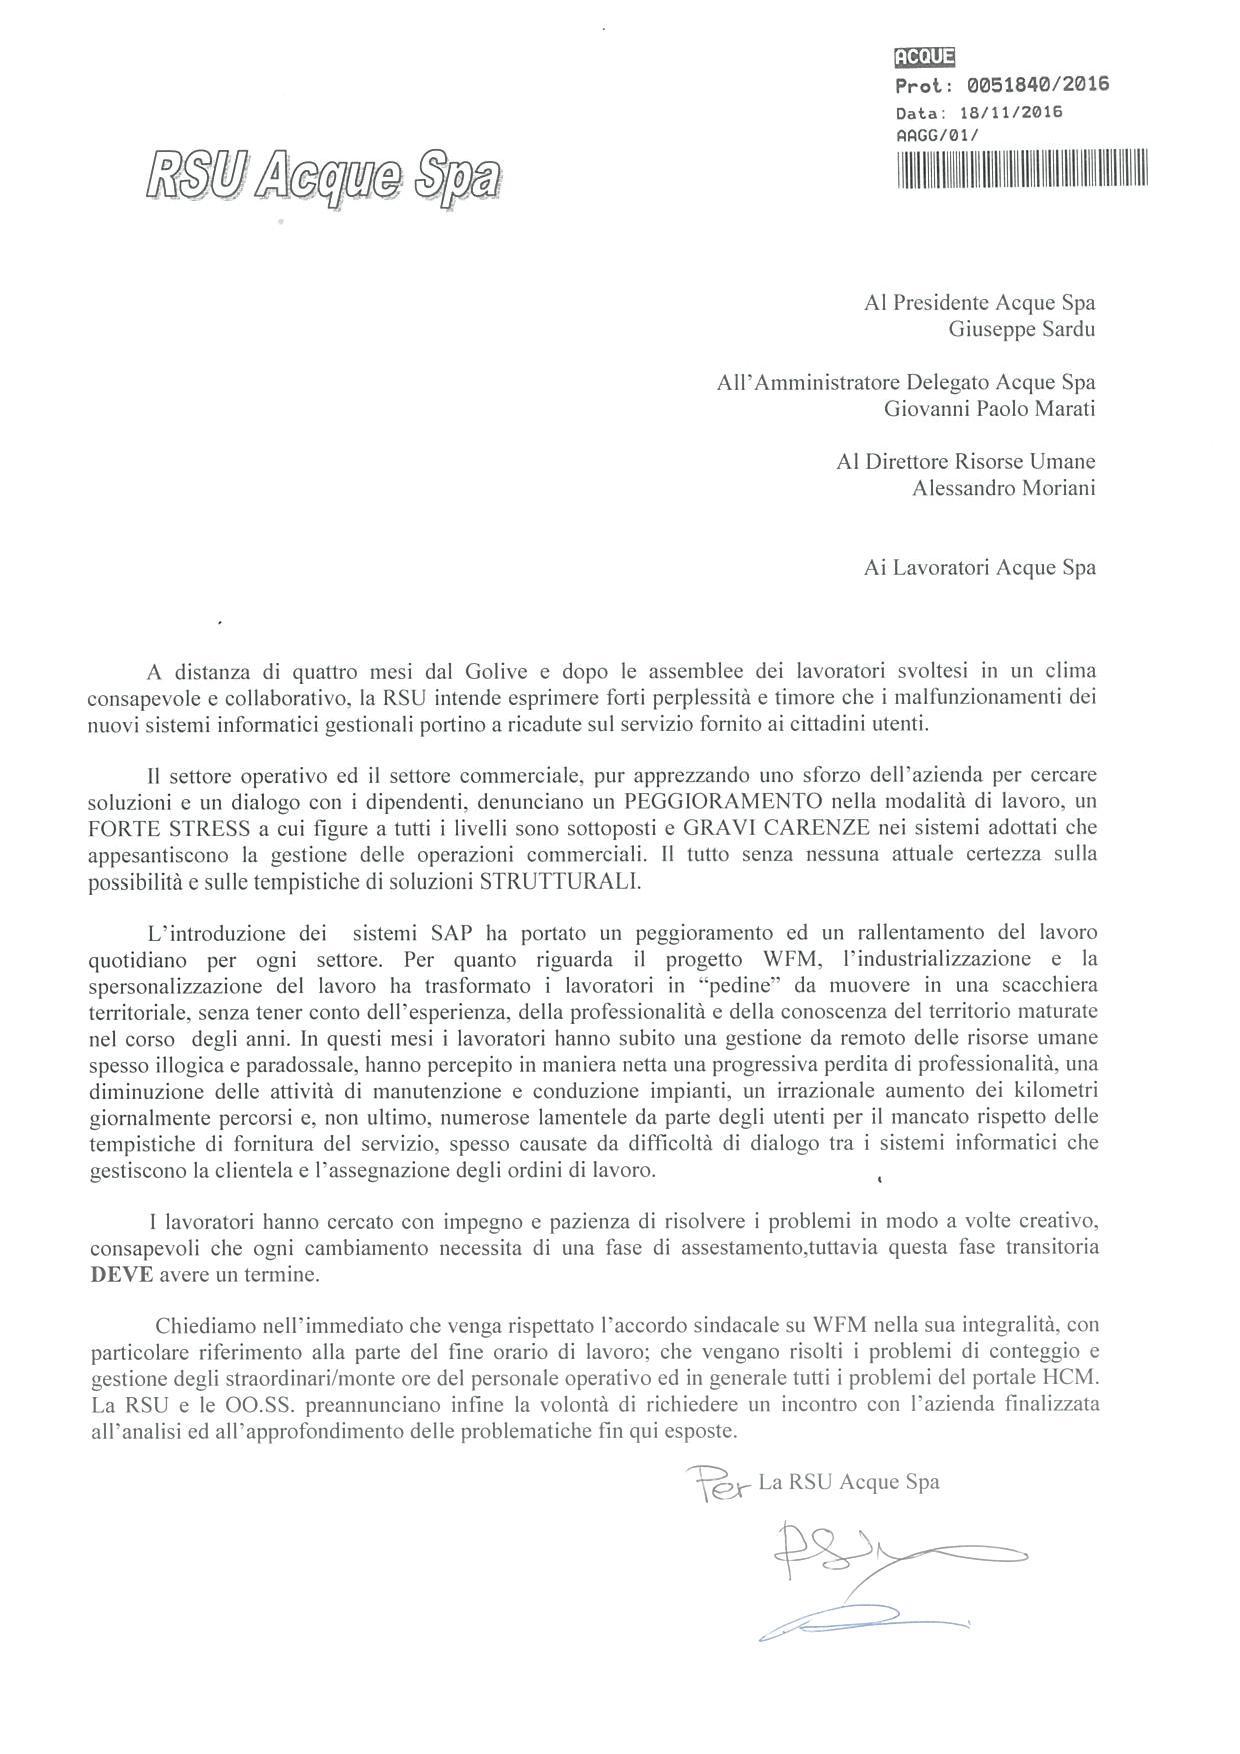 comunicato_rsu-acque-spa-18_11_2016